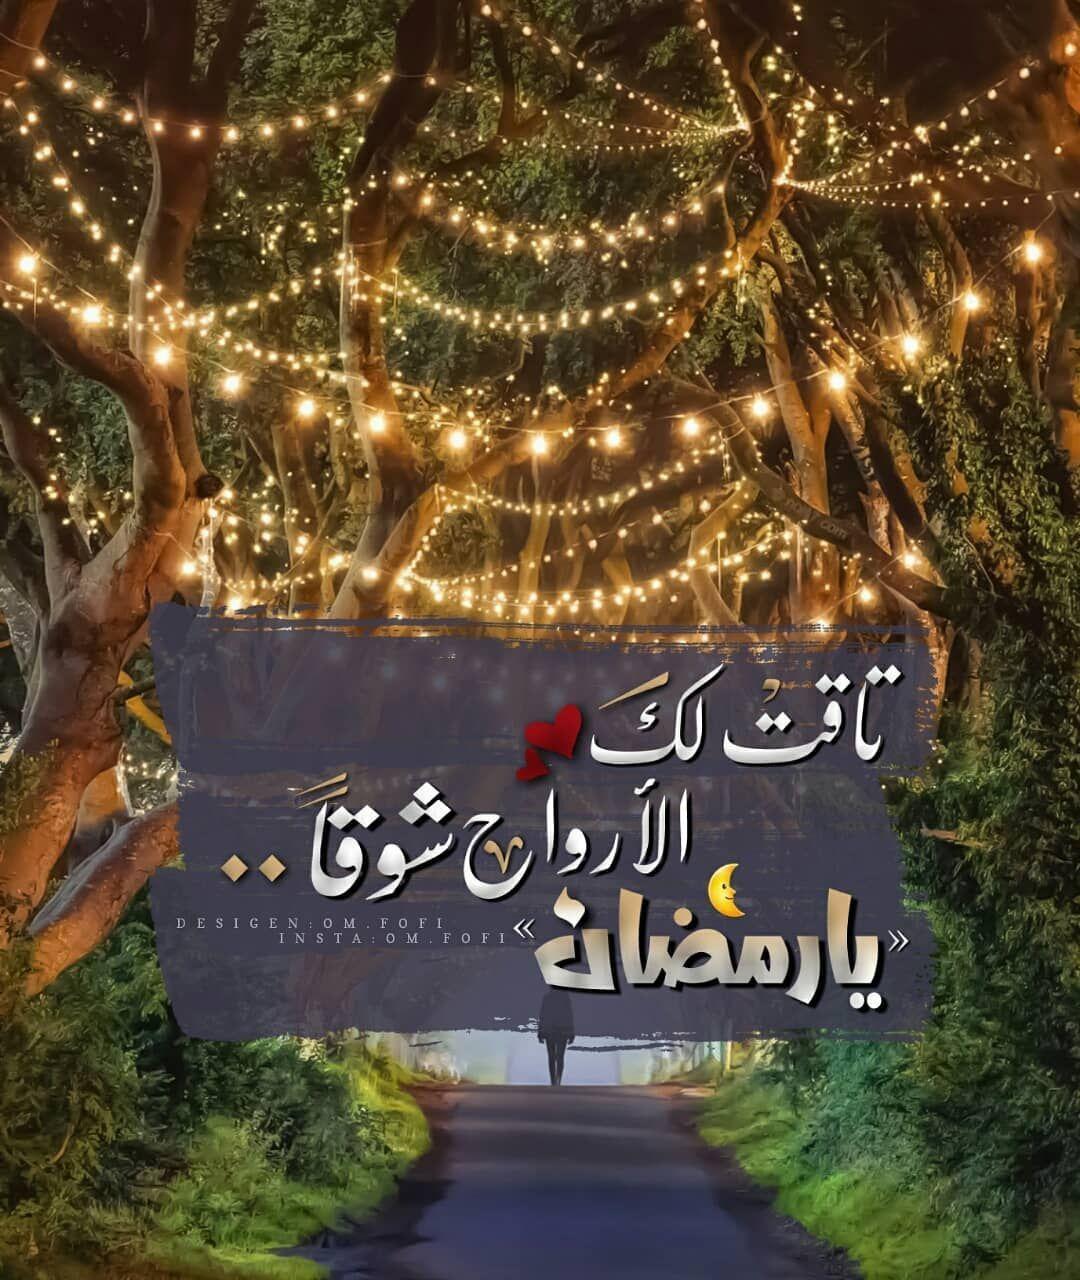 صور اللهم بلغنا رمضان 2021 بطاقات دعاء اللهم بلغنا شهر رمضان In 2021 Ramadan Day Ramadan Greetings Ramadan Photos